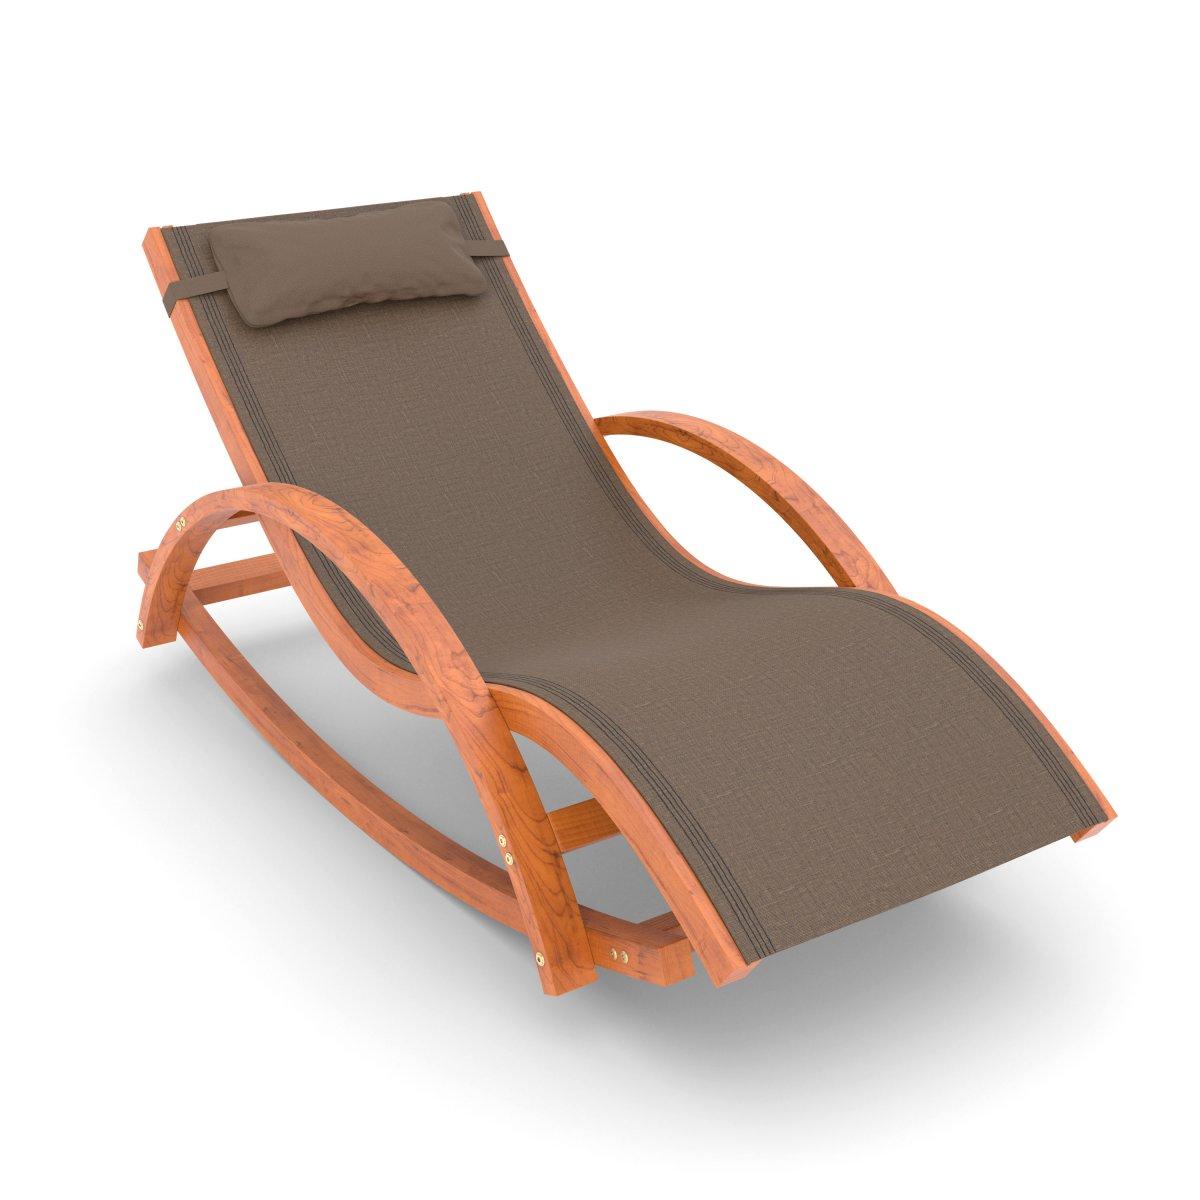 schaukel und liegestuhl rio 180x75 cm mit kopfkissen. Black Bedroom Furniture Sets. Home Design Ideas